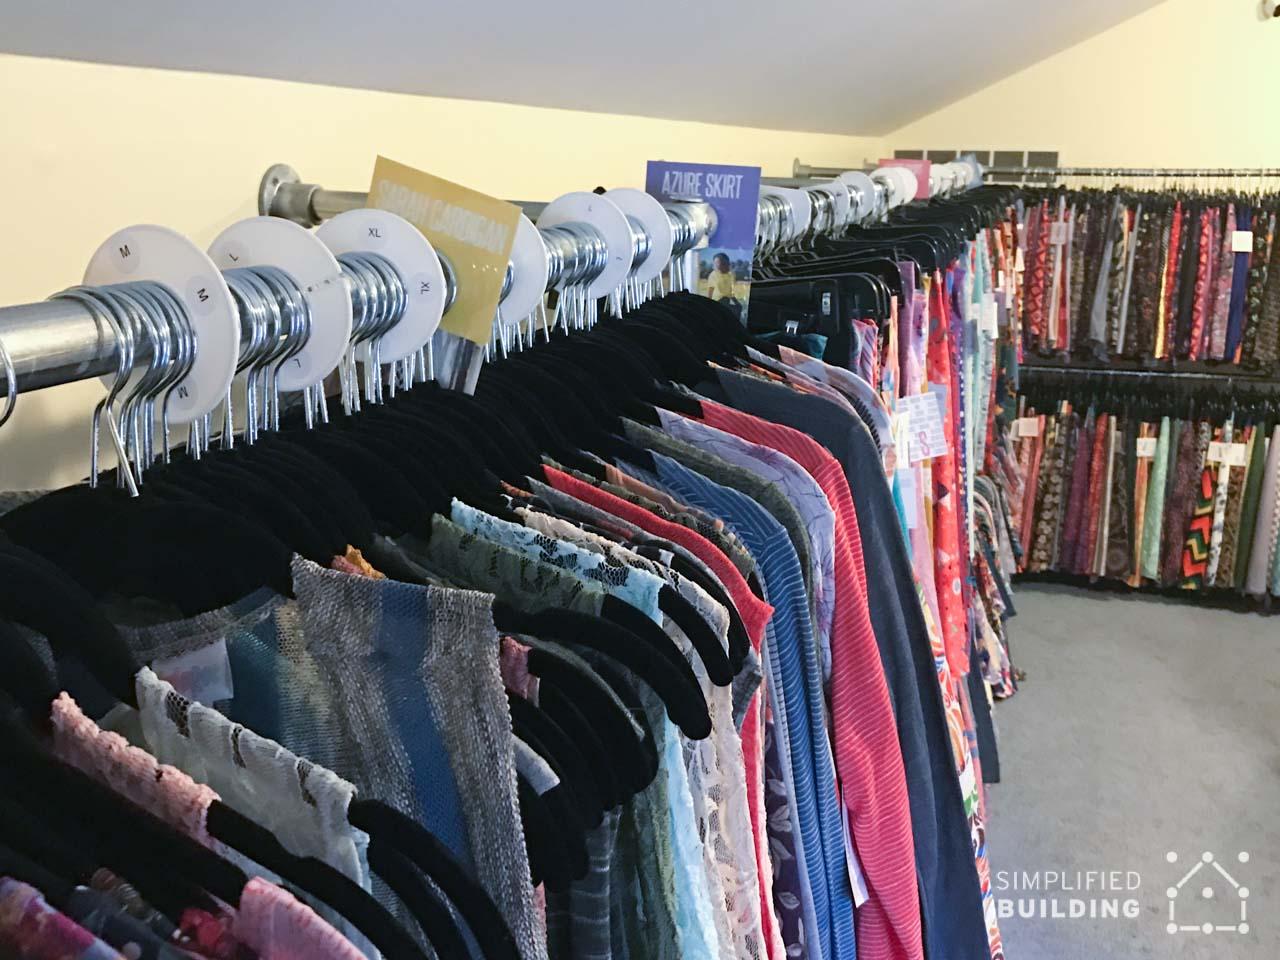 Retail Clothing Racks for LulaRoe Seller